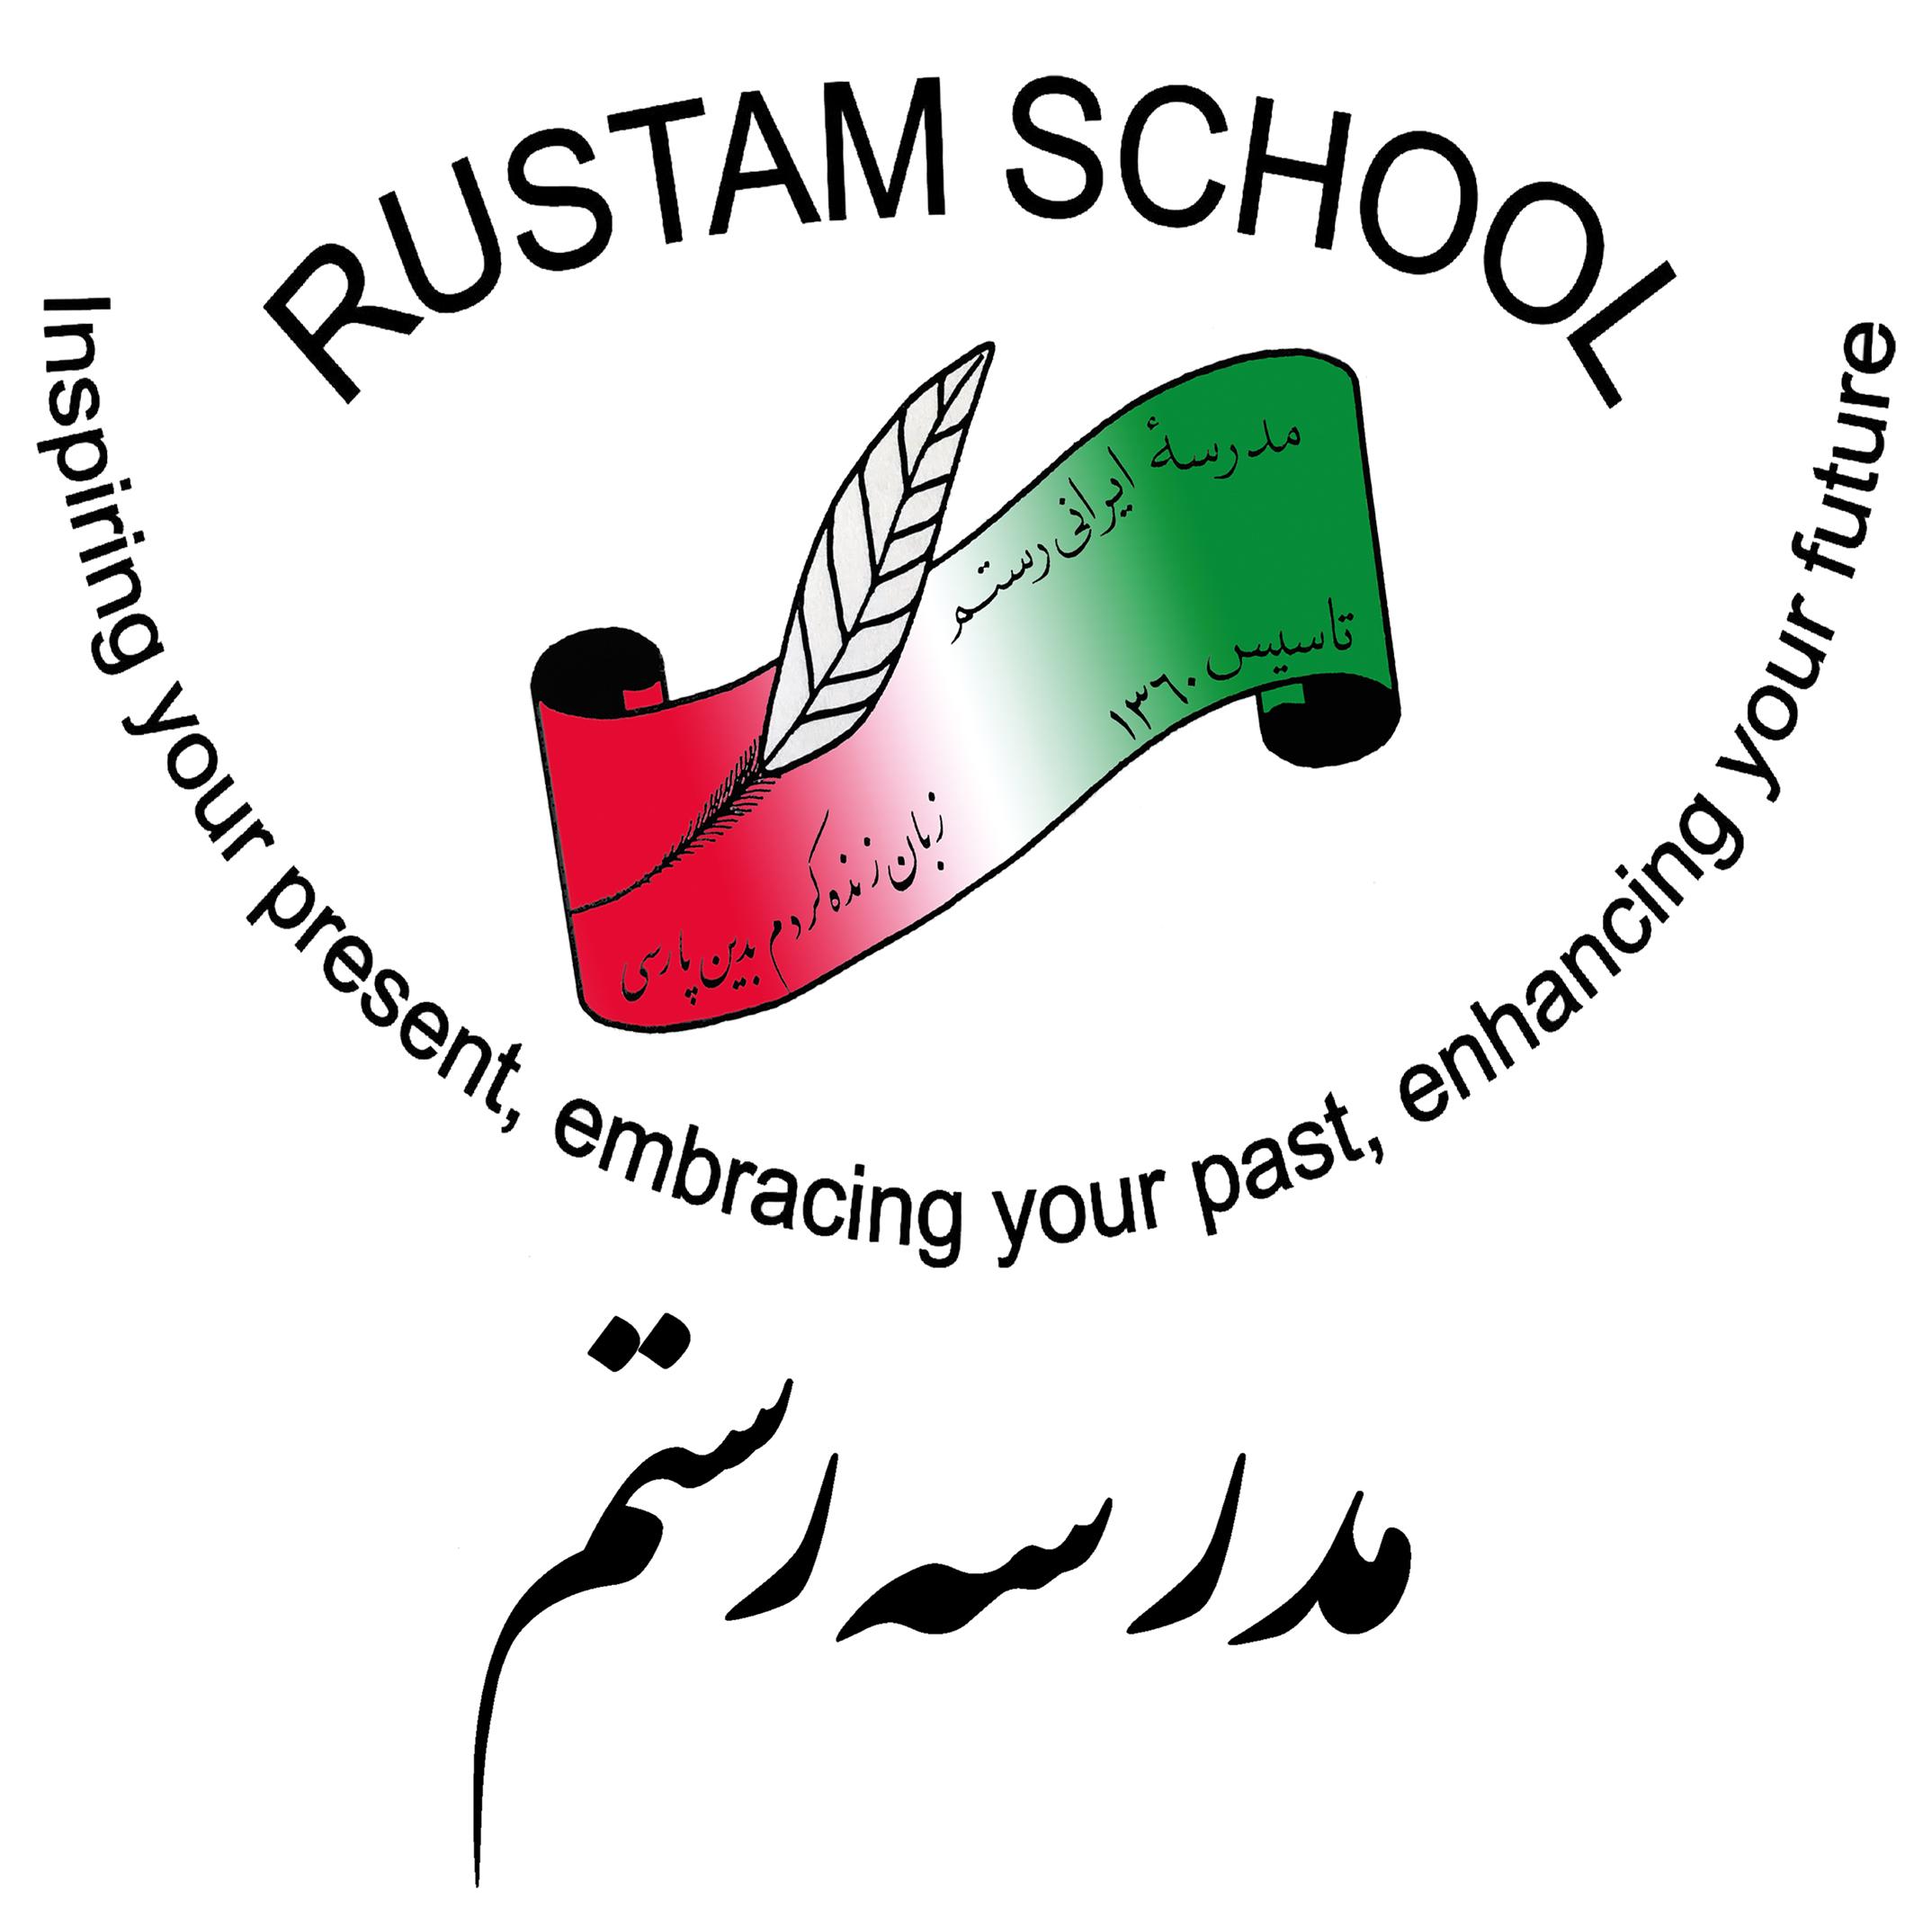 Rustam School